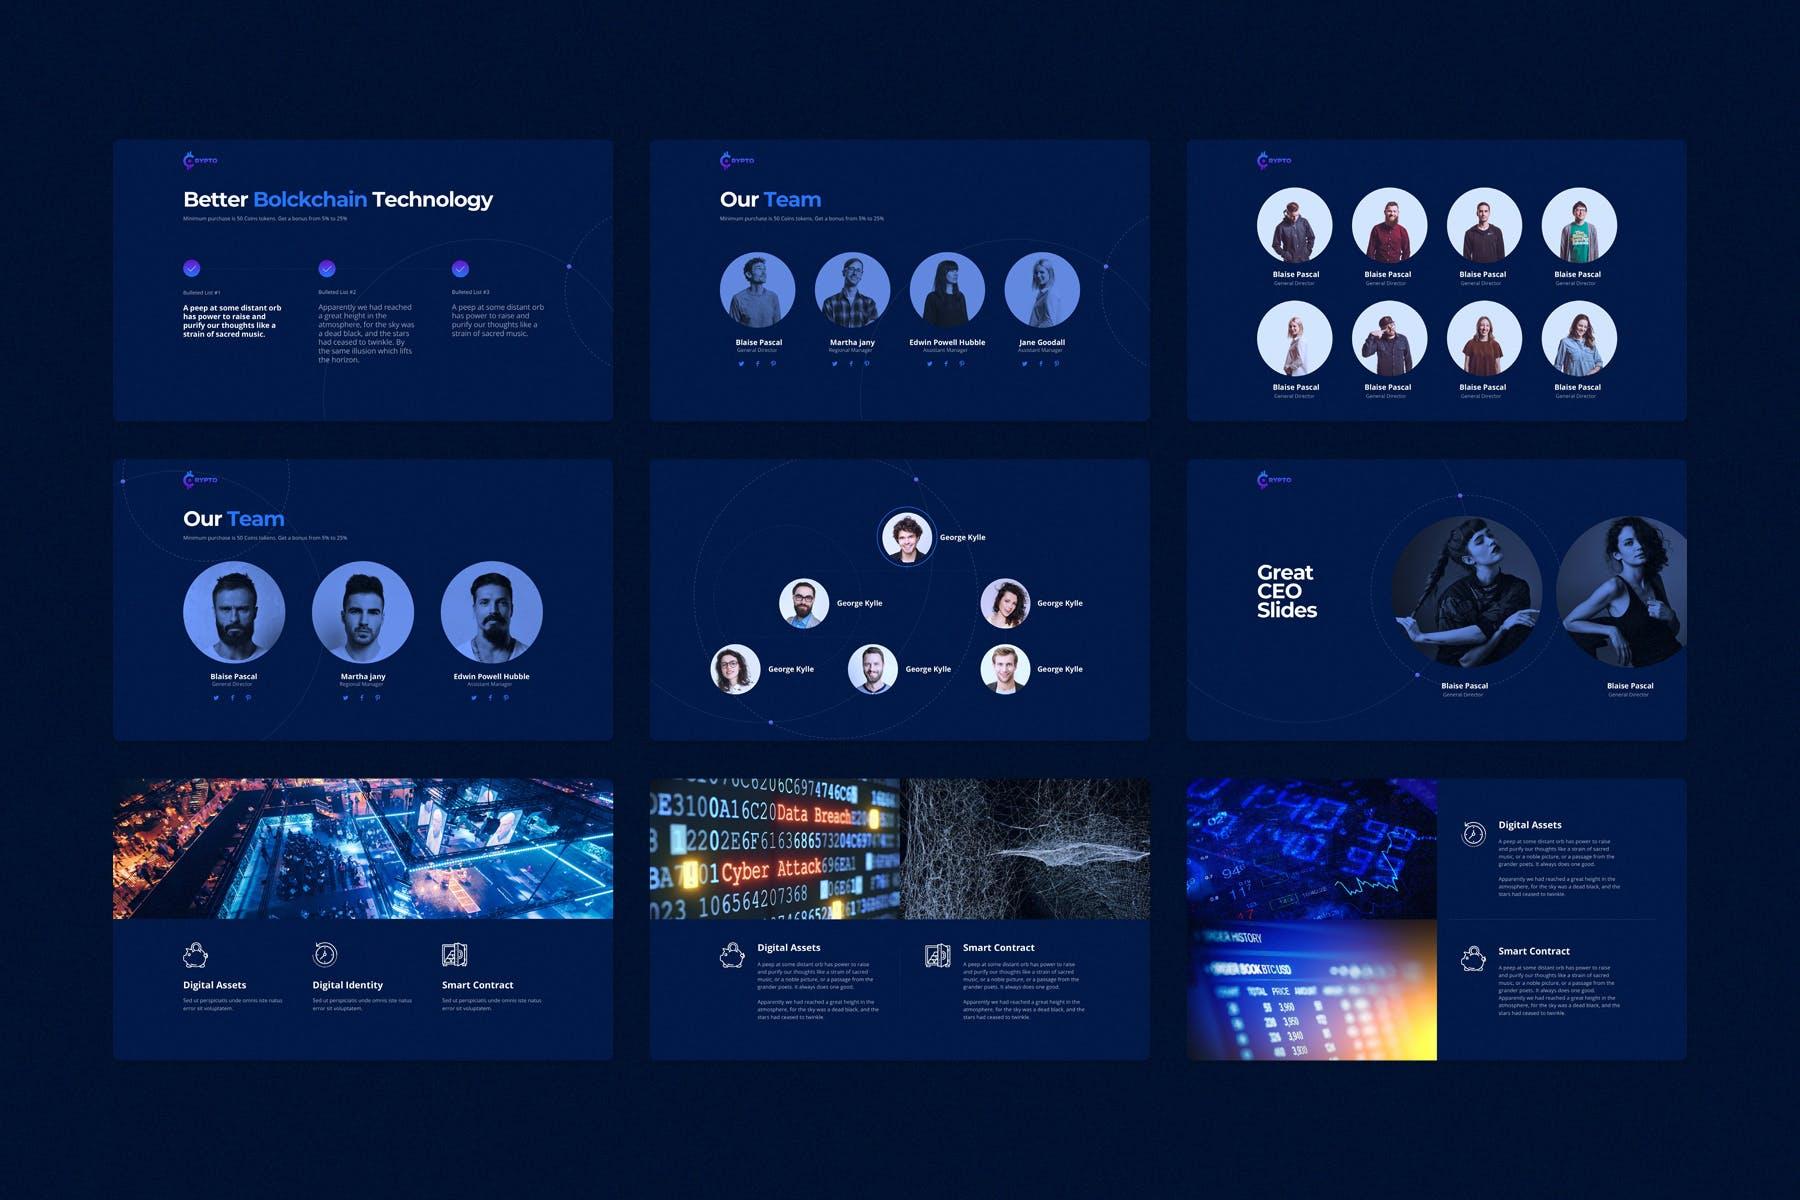 行业研究公司业务介绍图表设计幻灯片模板 CRYPTO Powerpoint Template插图(5)